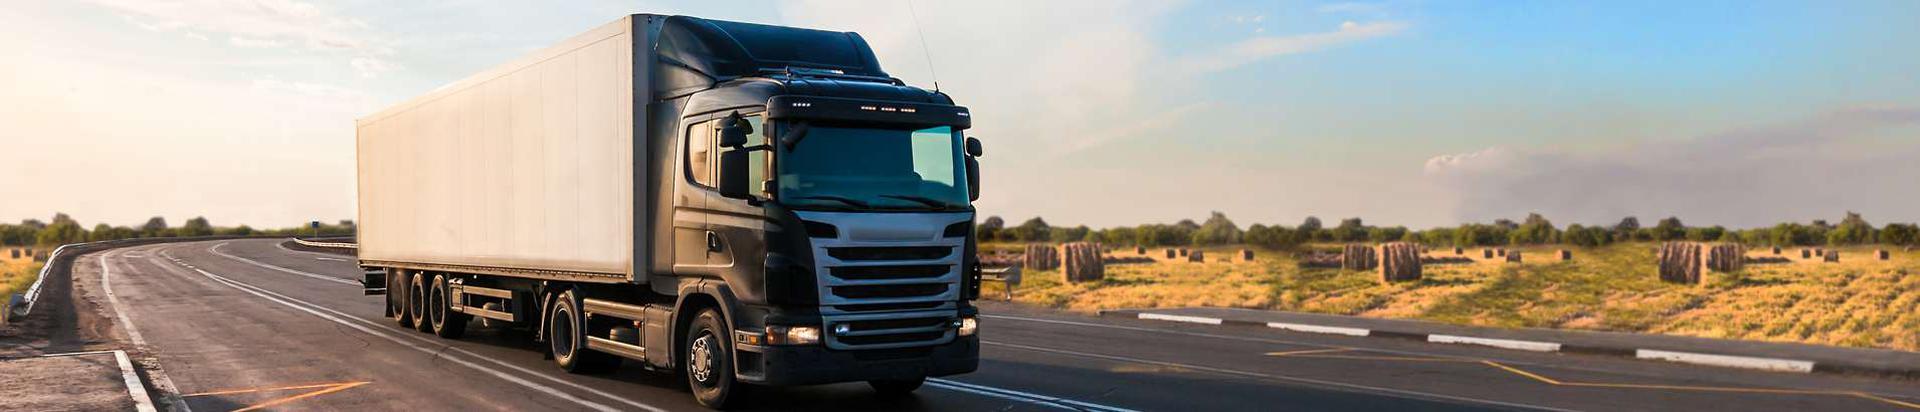 kaubaveod, transpordi- ja kullerteenused, transporditeenused, logistika